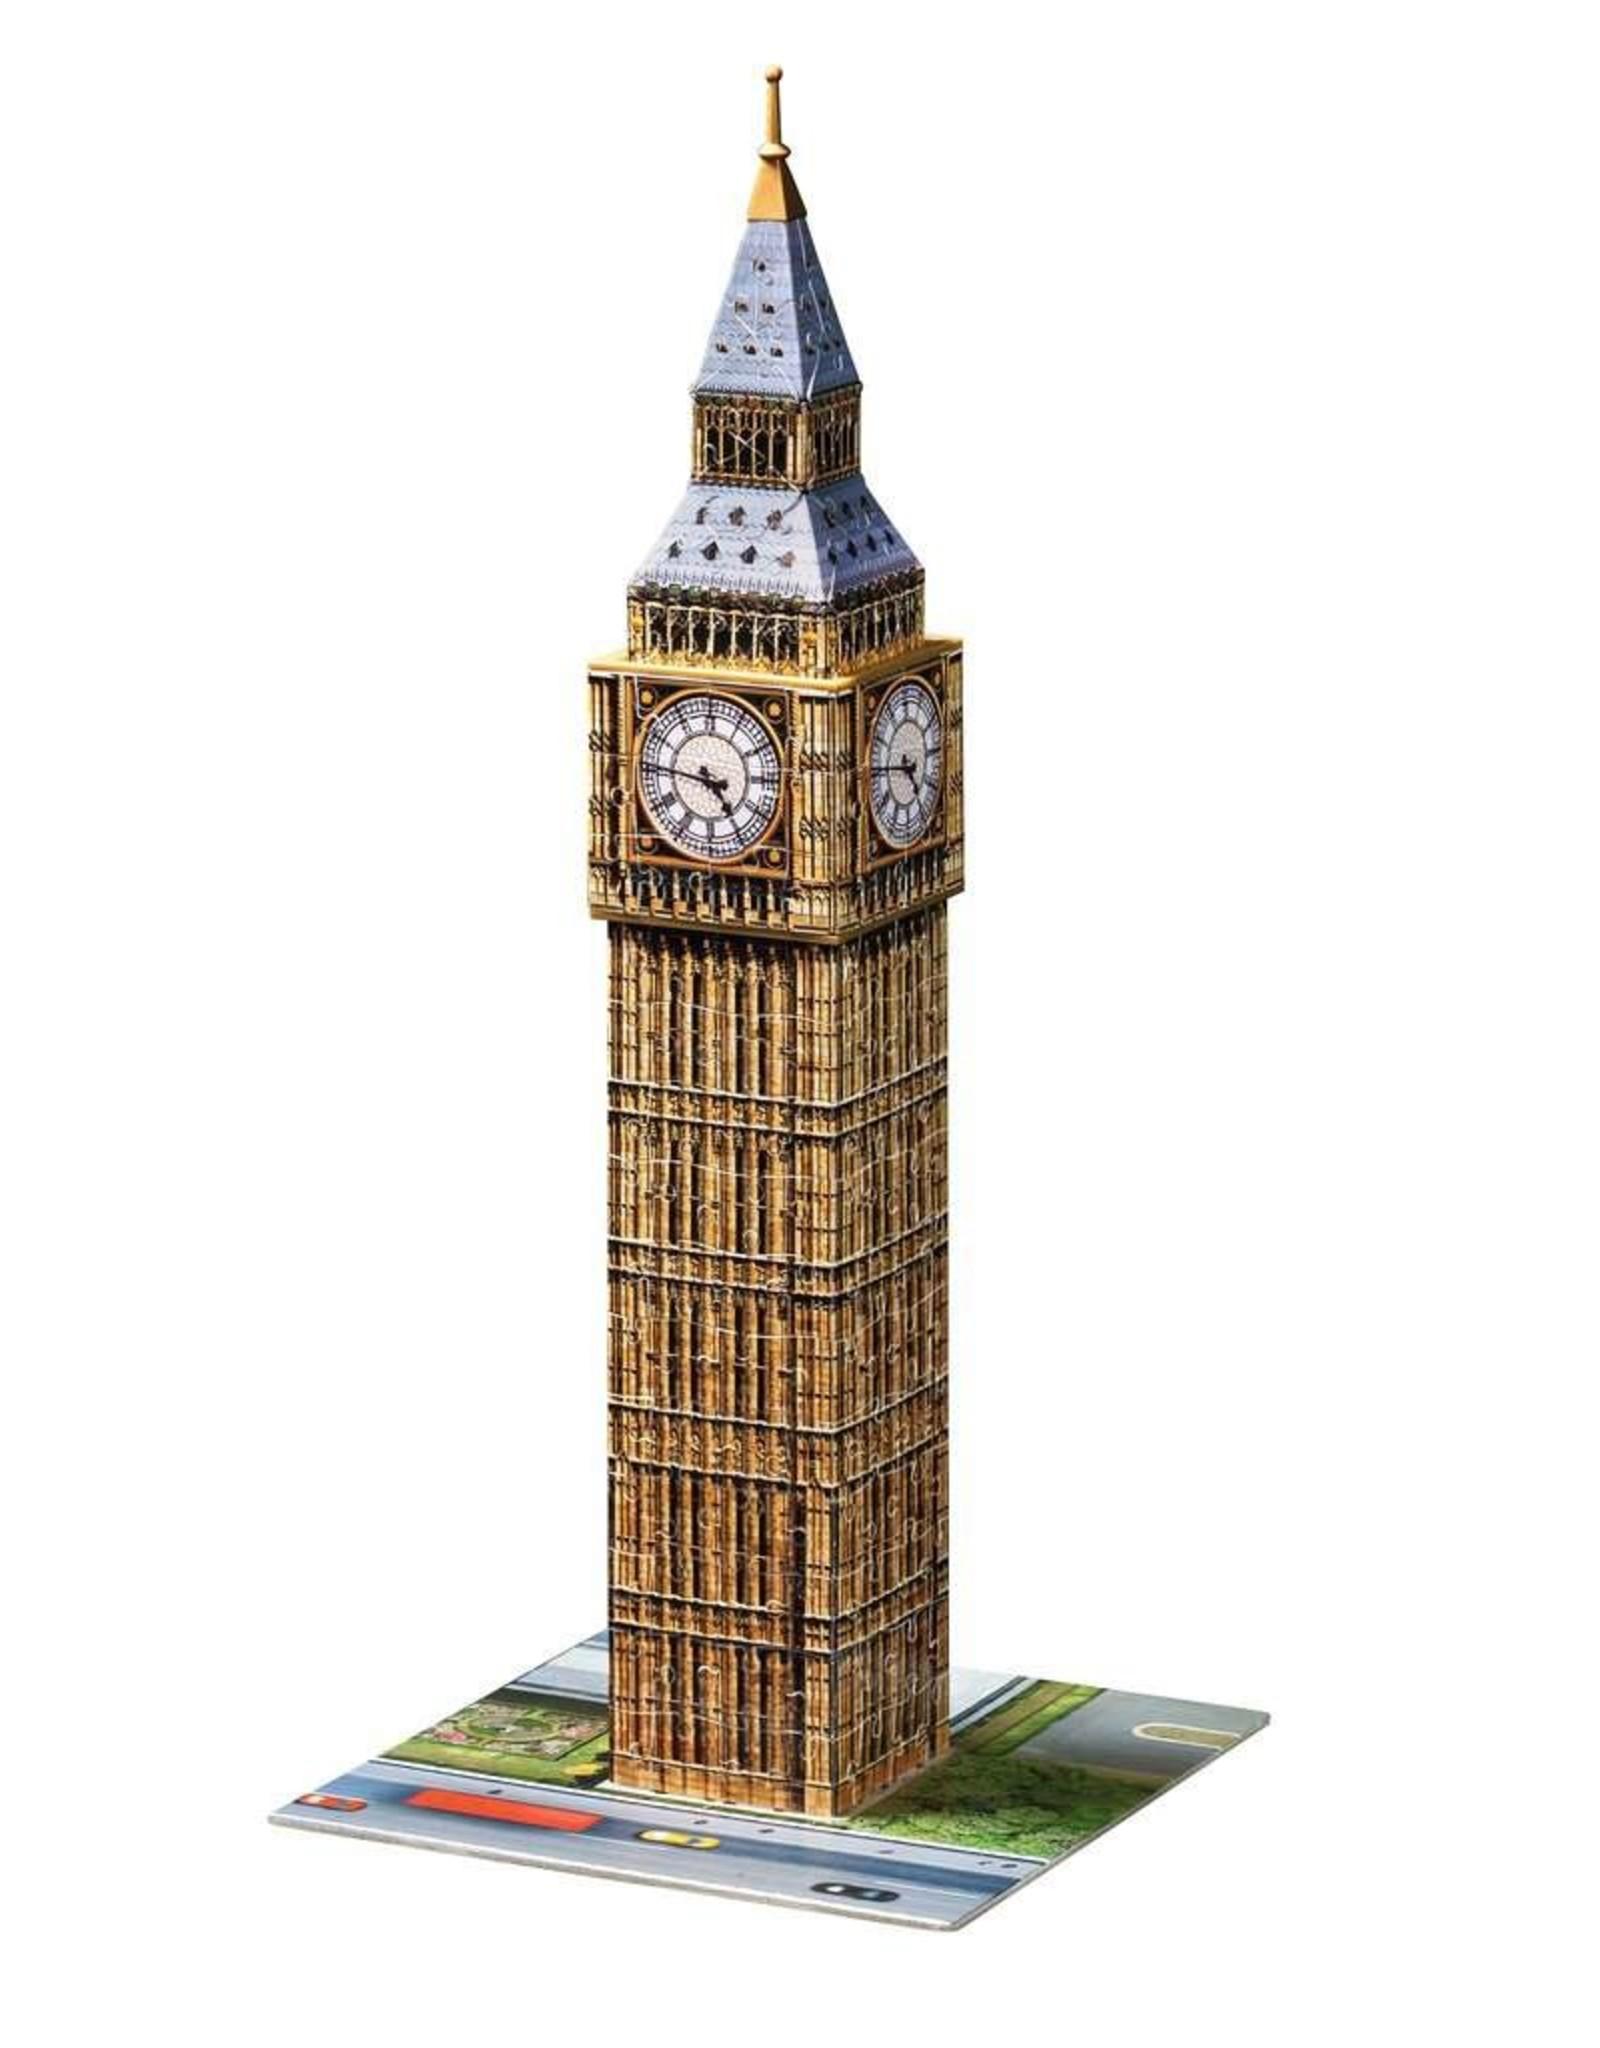 Ravensburger 3D Big Ben 216 pc